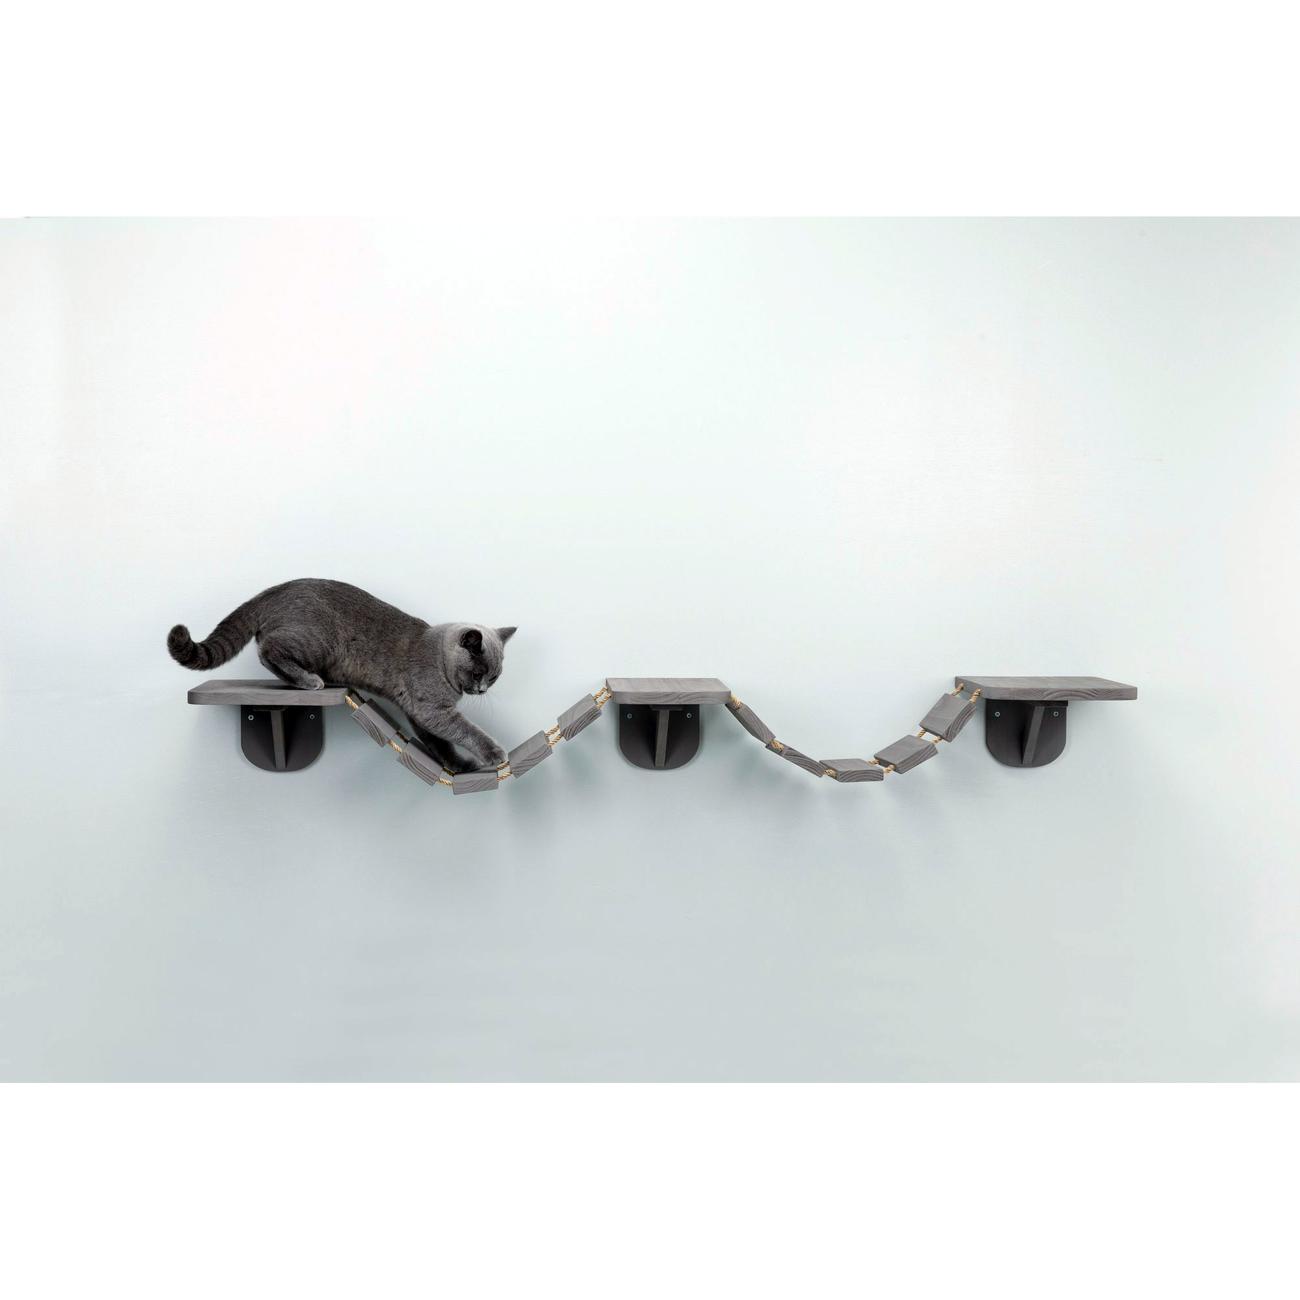 Trixie Katzen Kletterleiter zur Wandmontage 49930, Bild 8